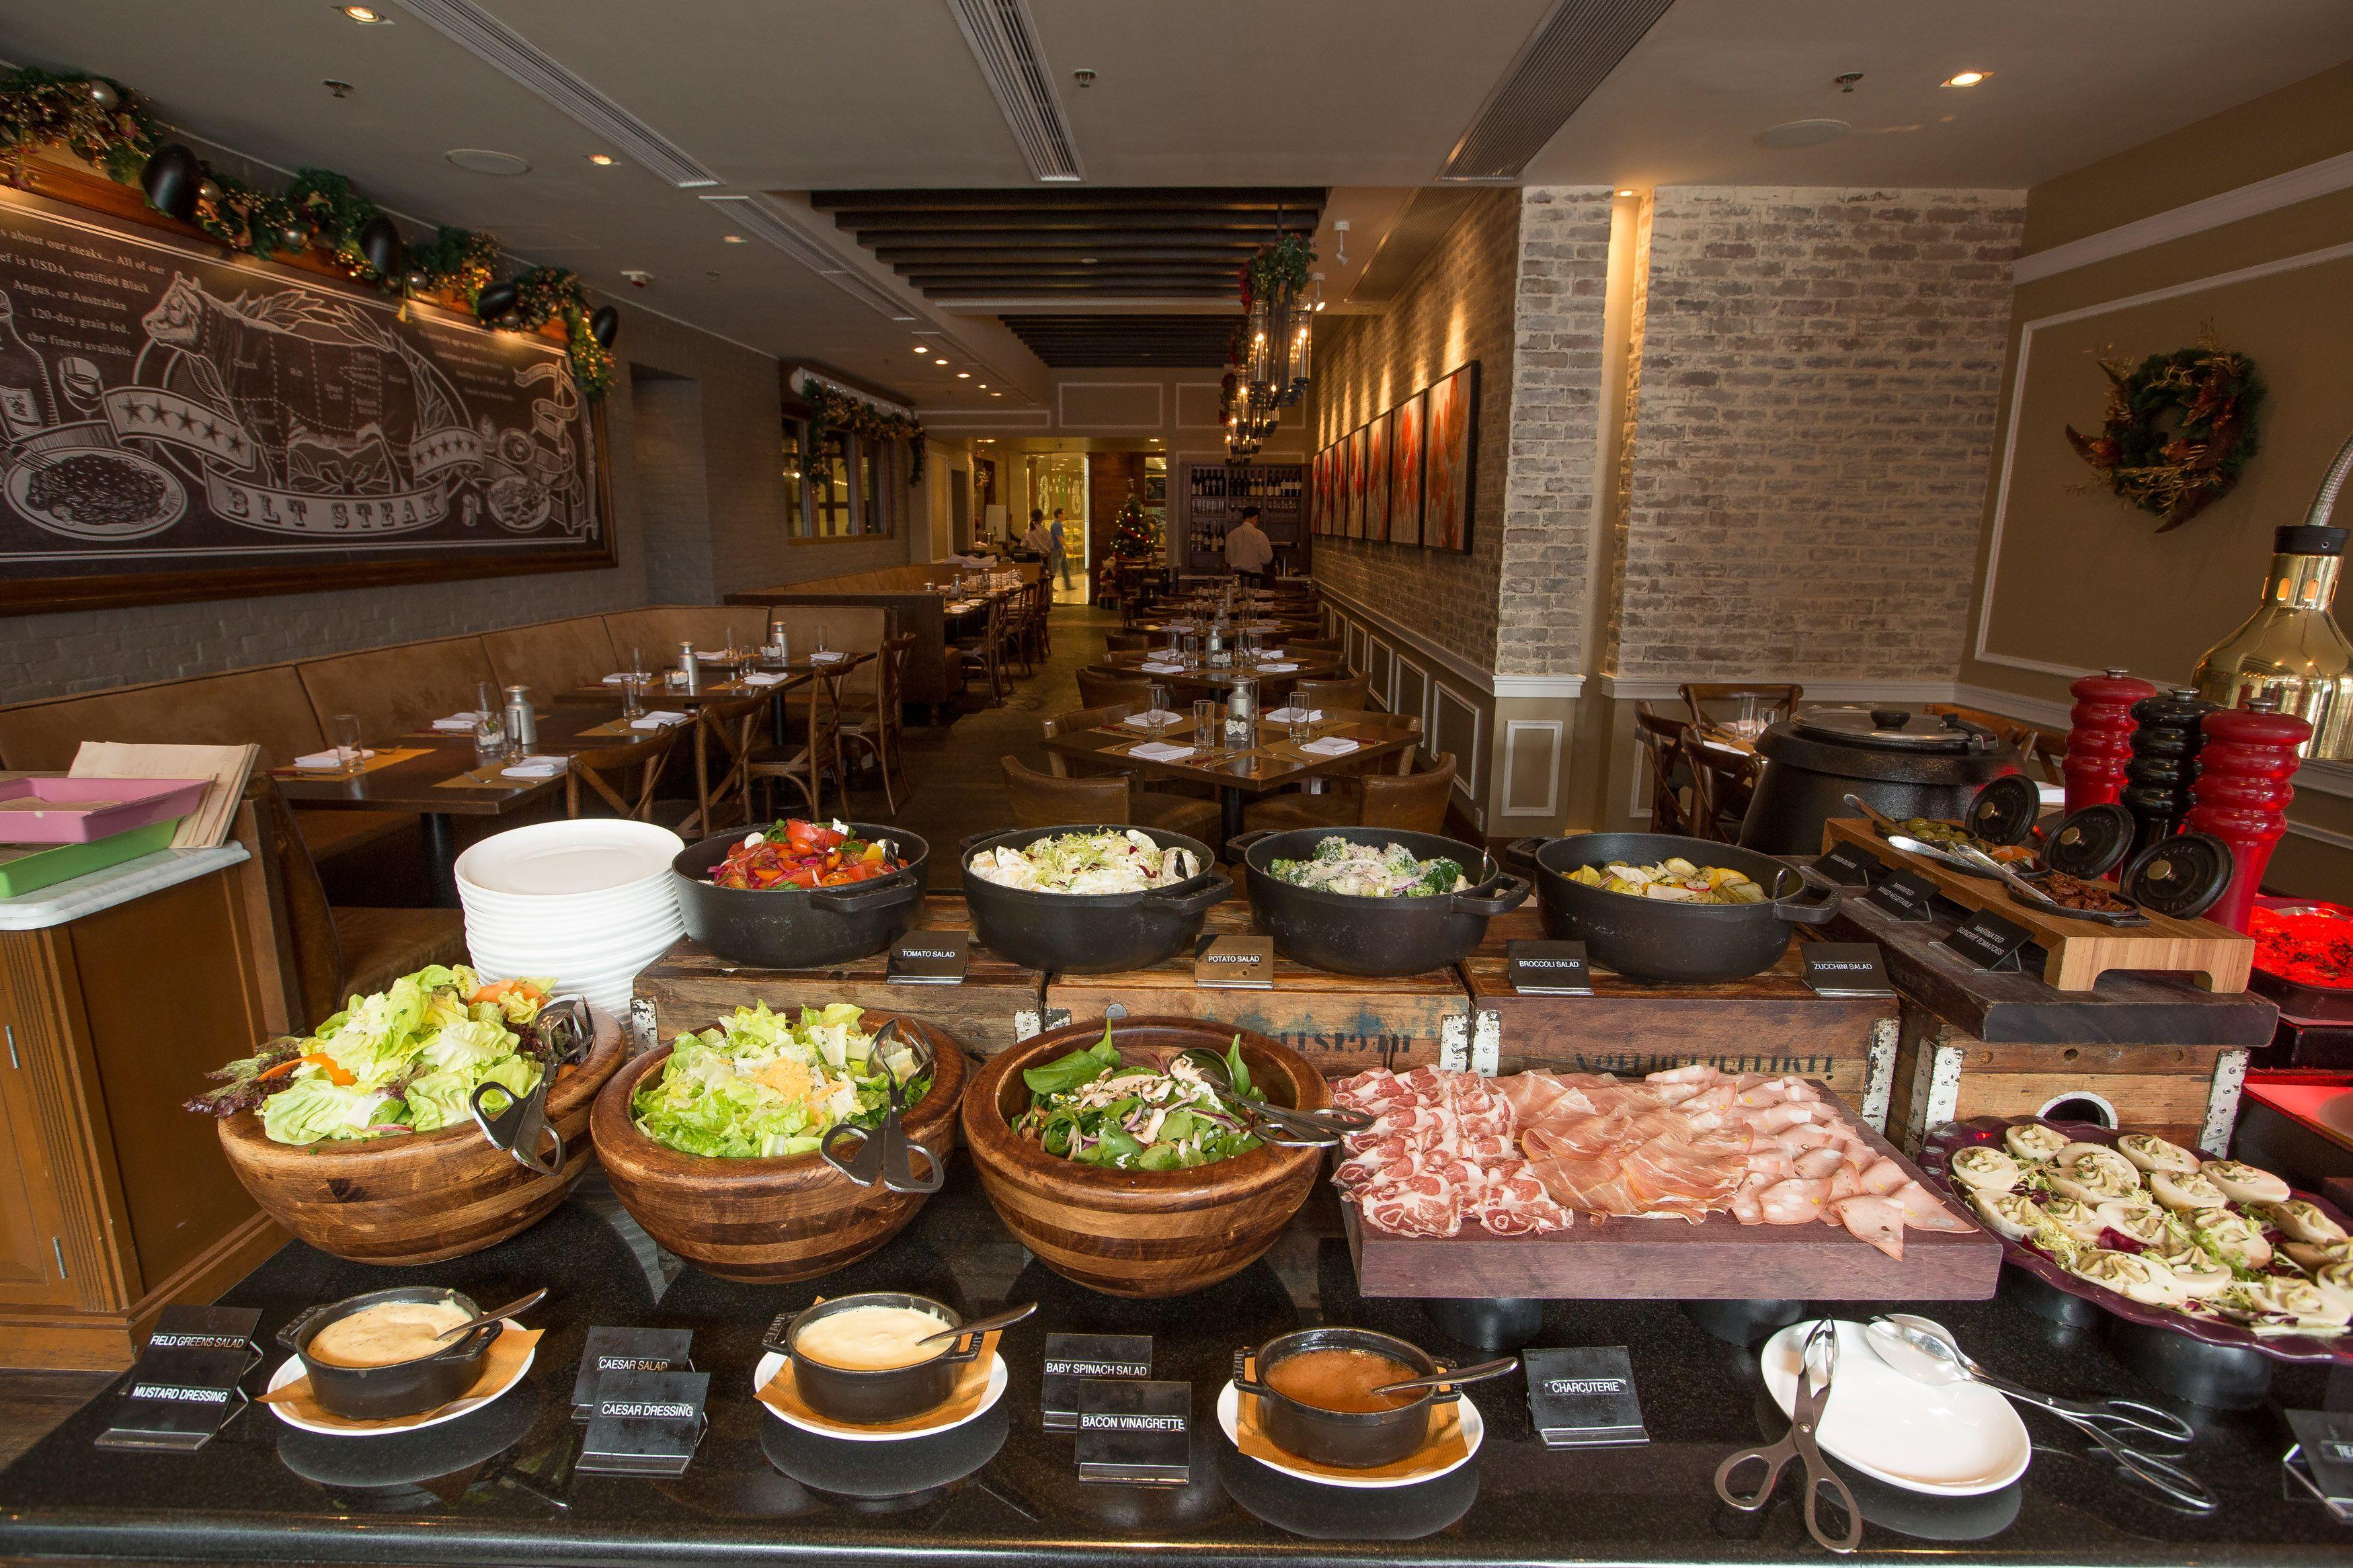 Restaurant Blt Steak Tsim Sha Tsui Hong Kong Vegetable Side Dishes Blt Prime Steak